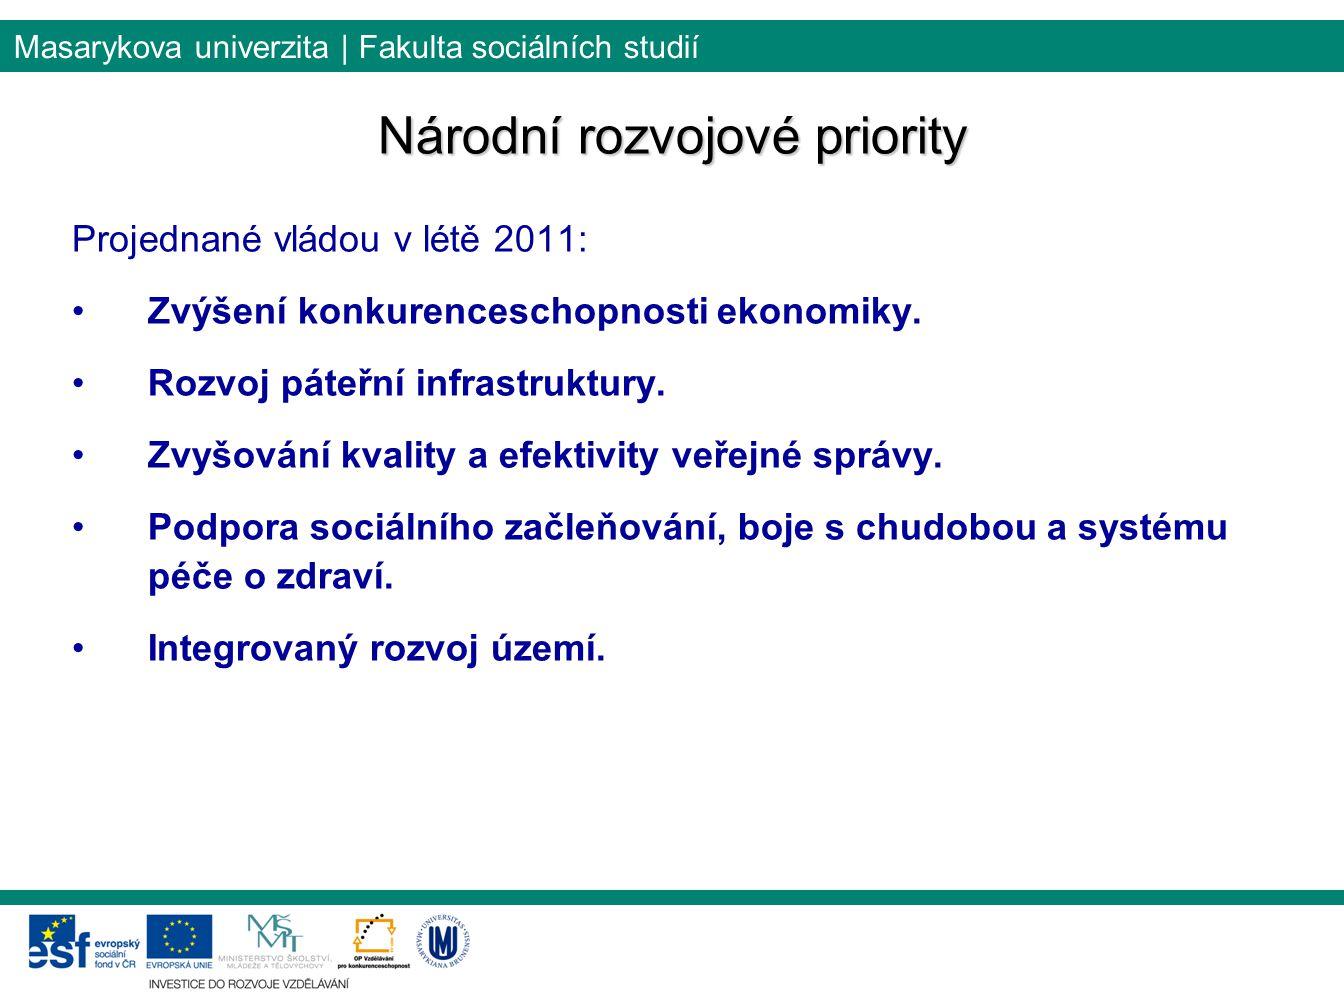 Národní rozvojové priority